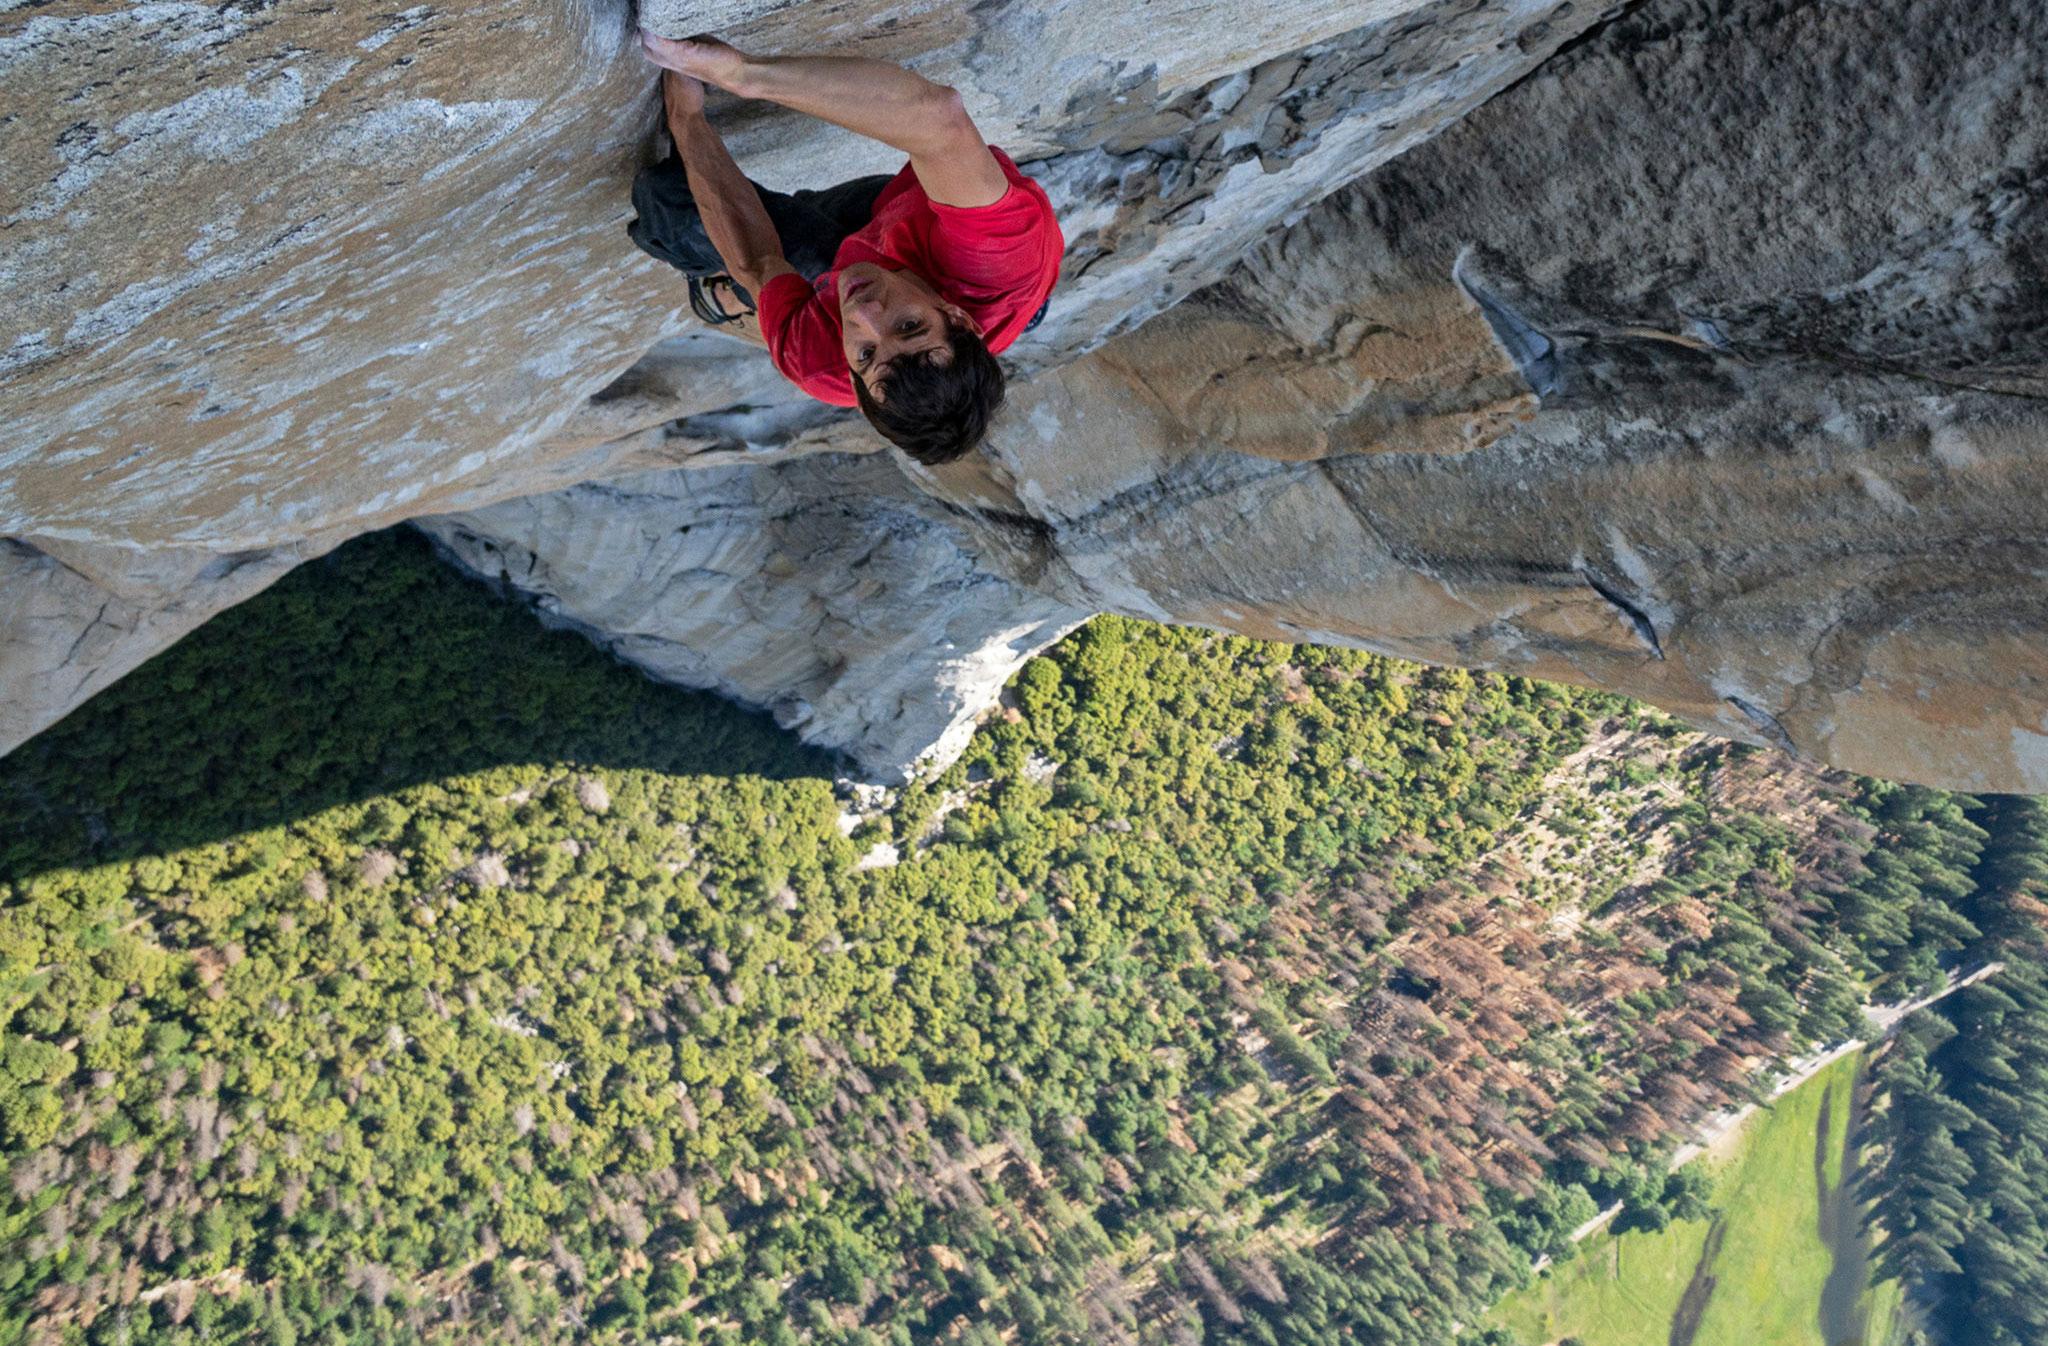 Alex Honnold en solo dans El Capitain, Parc National du Yosemite